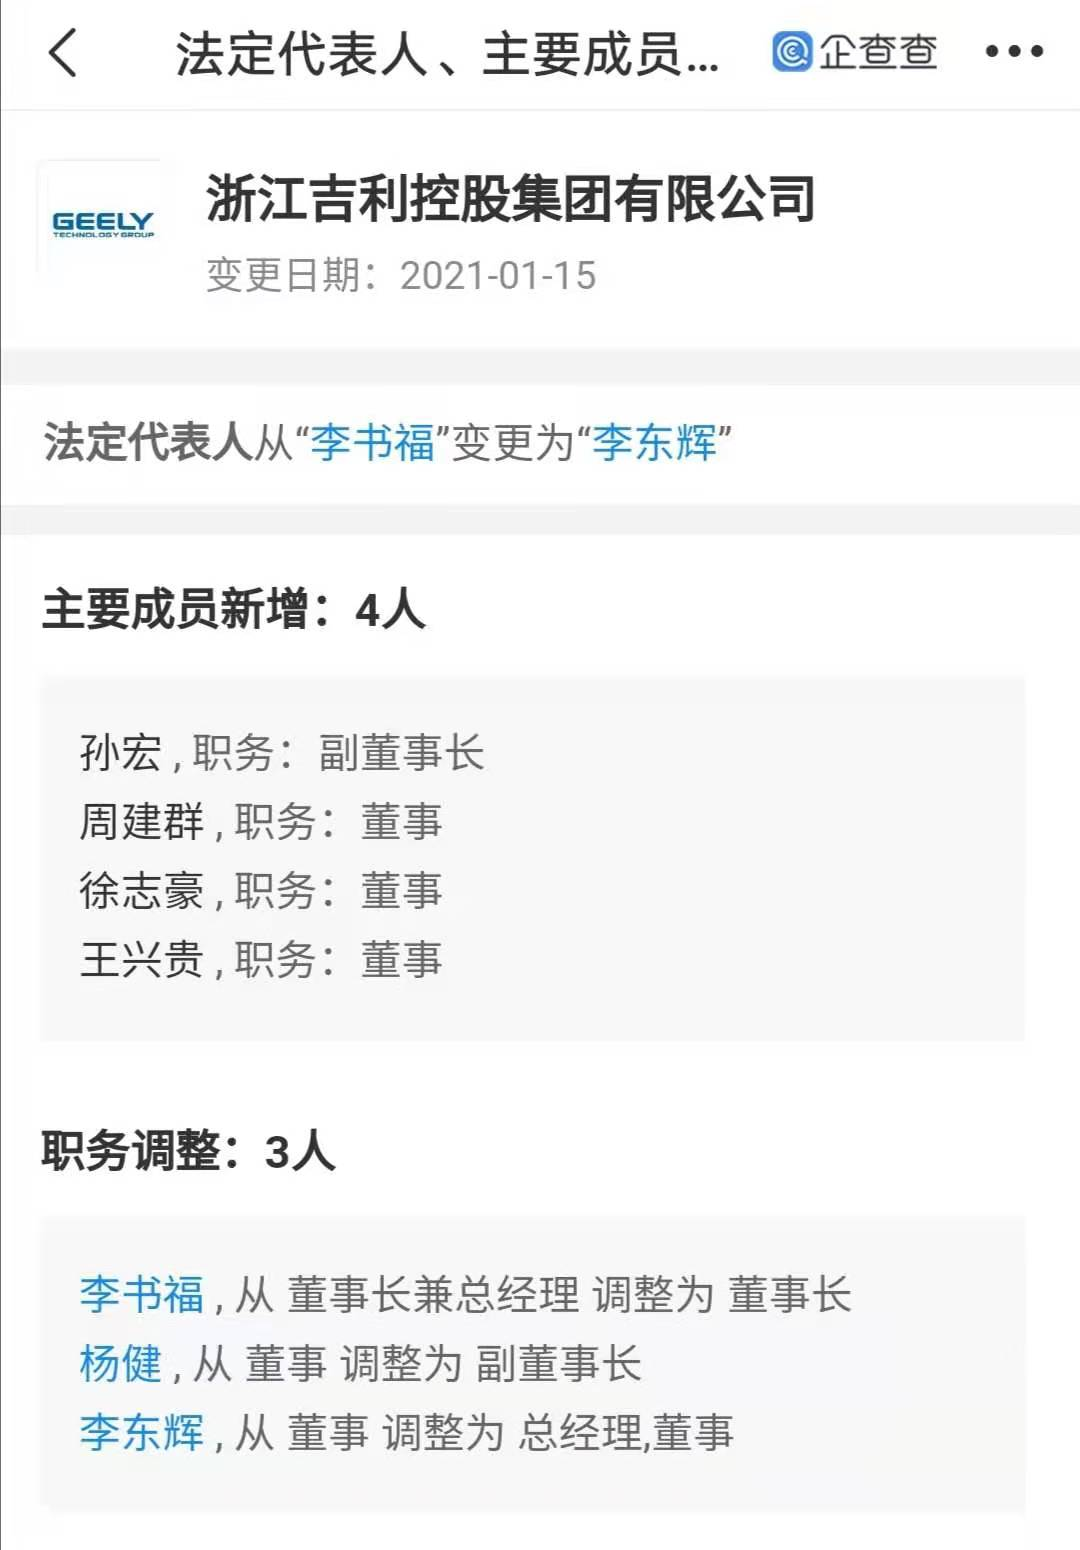 李书福退出浙江吉利控股集团有限公司法定代表人,由李东辉接任